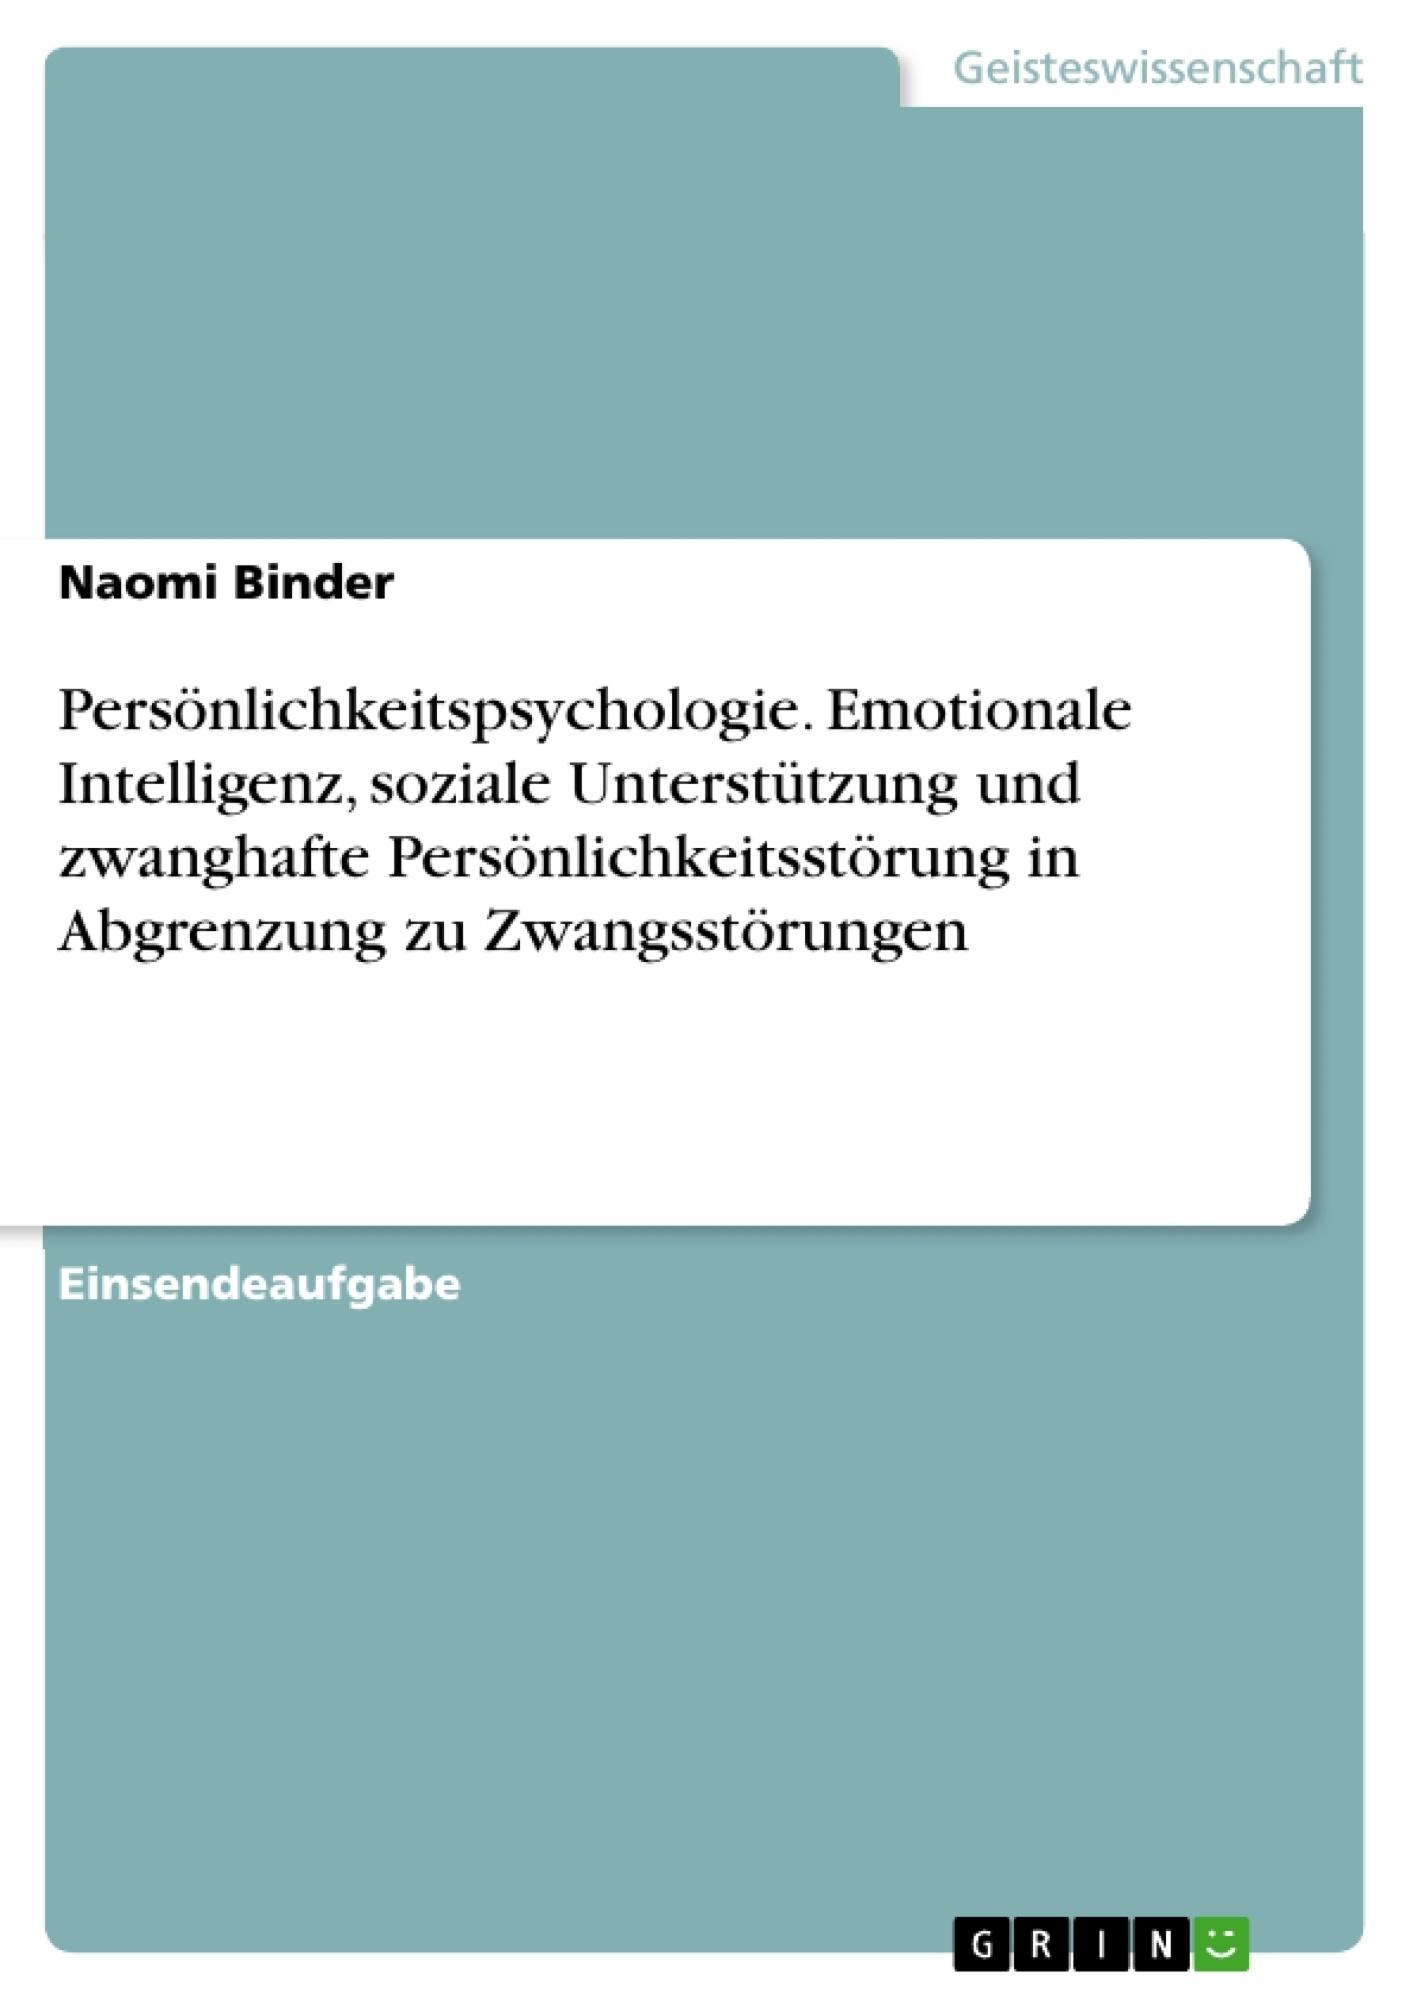 Titel: Persönlichkeitspsychologie. Emotionale Intelligenz, soziale Unterstützung und zwanghafte Persönlichkeitsstörung in Abgrenzung zu Zwangsstörungen